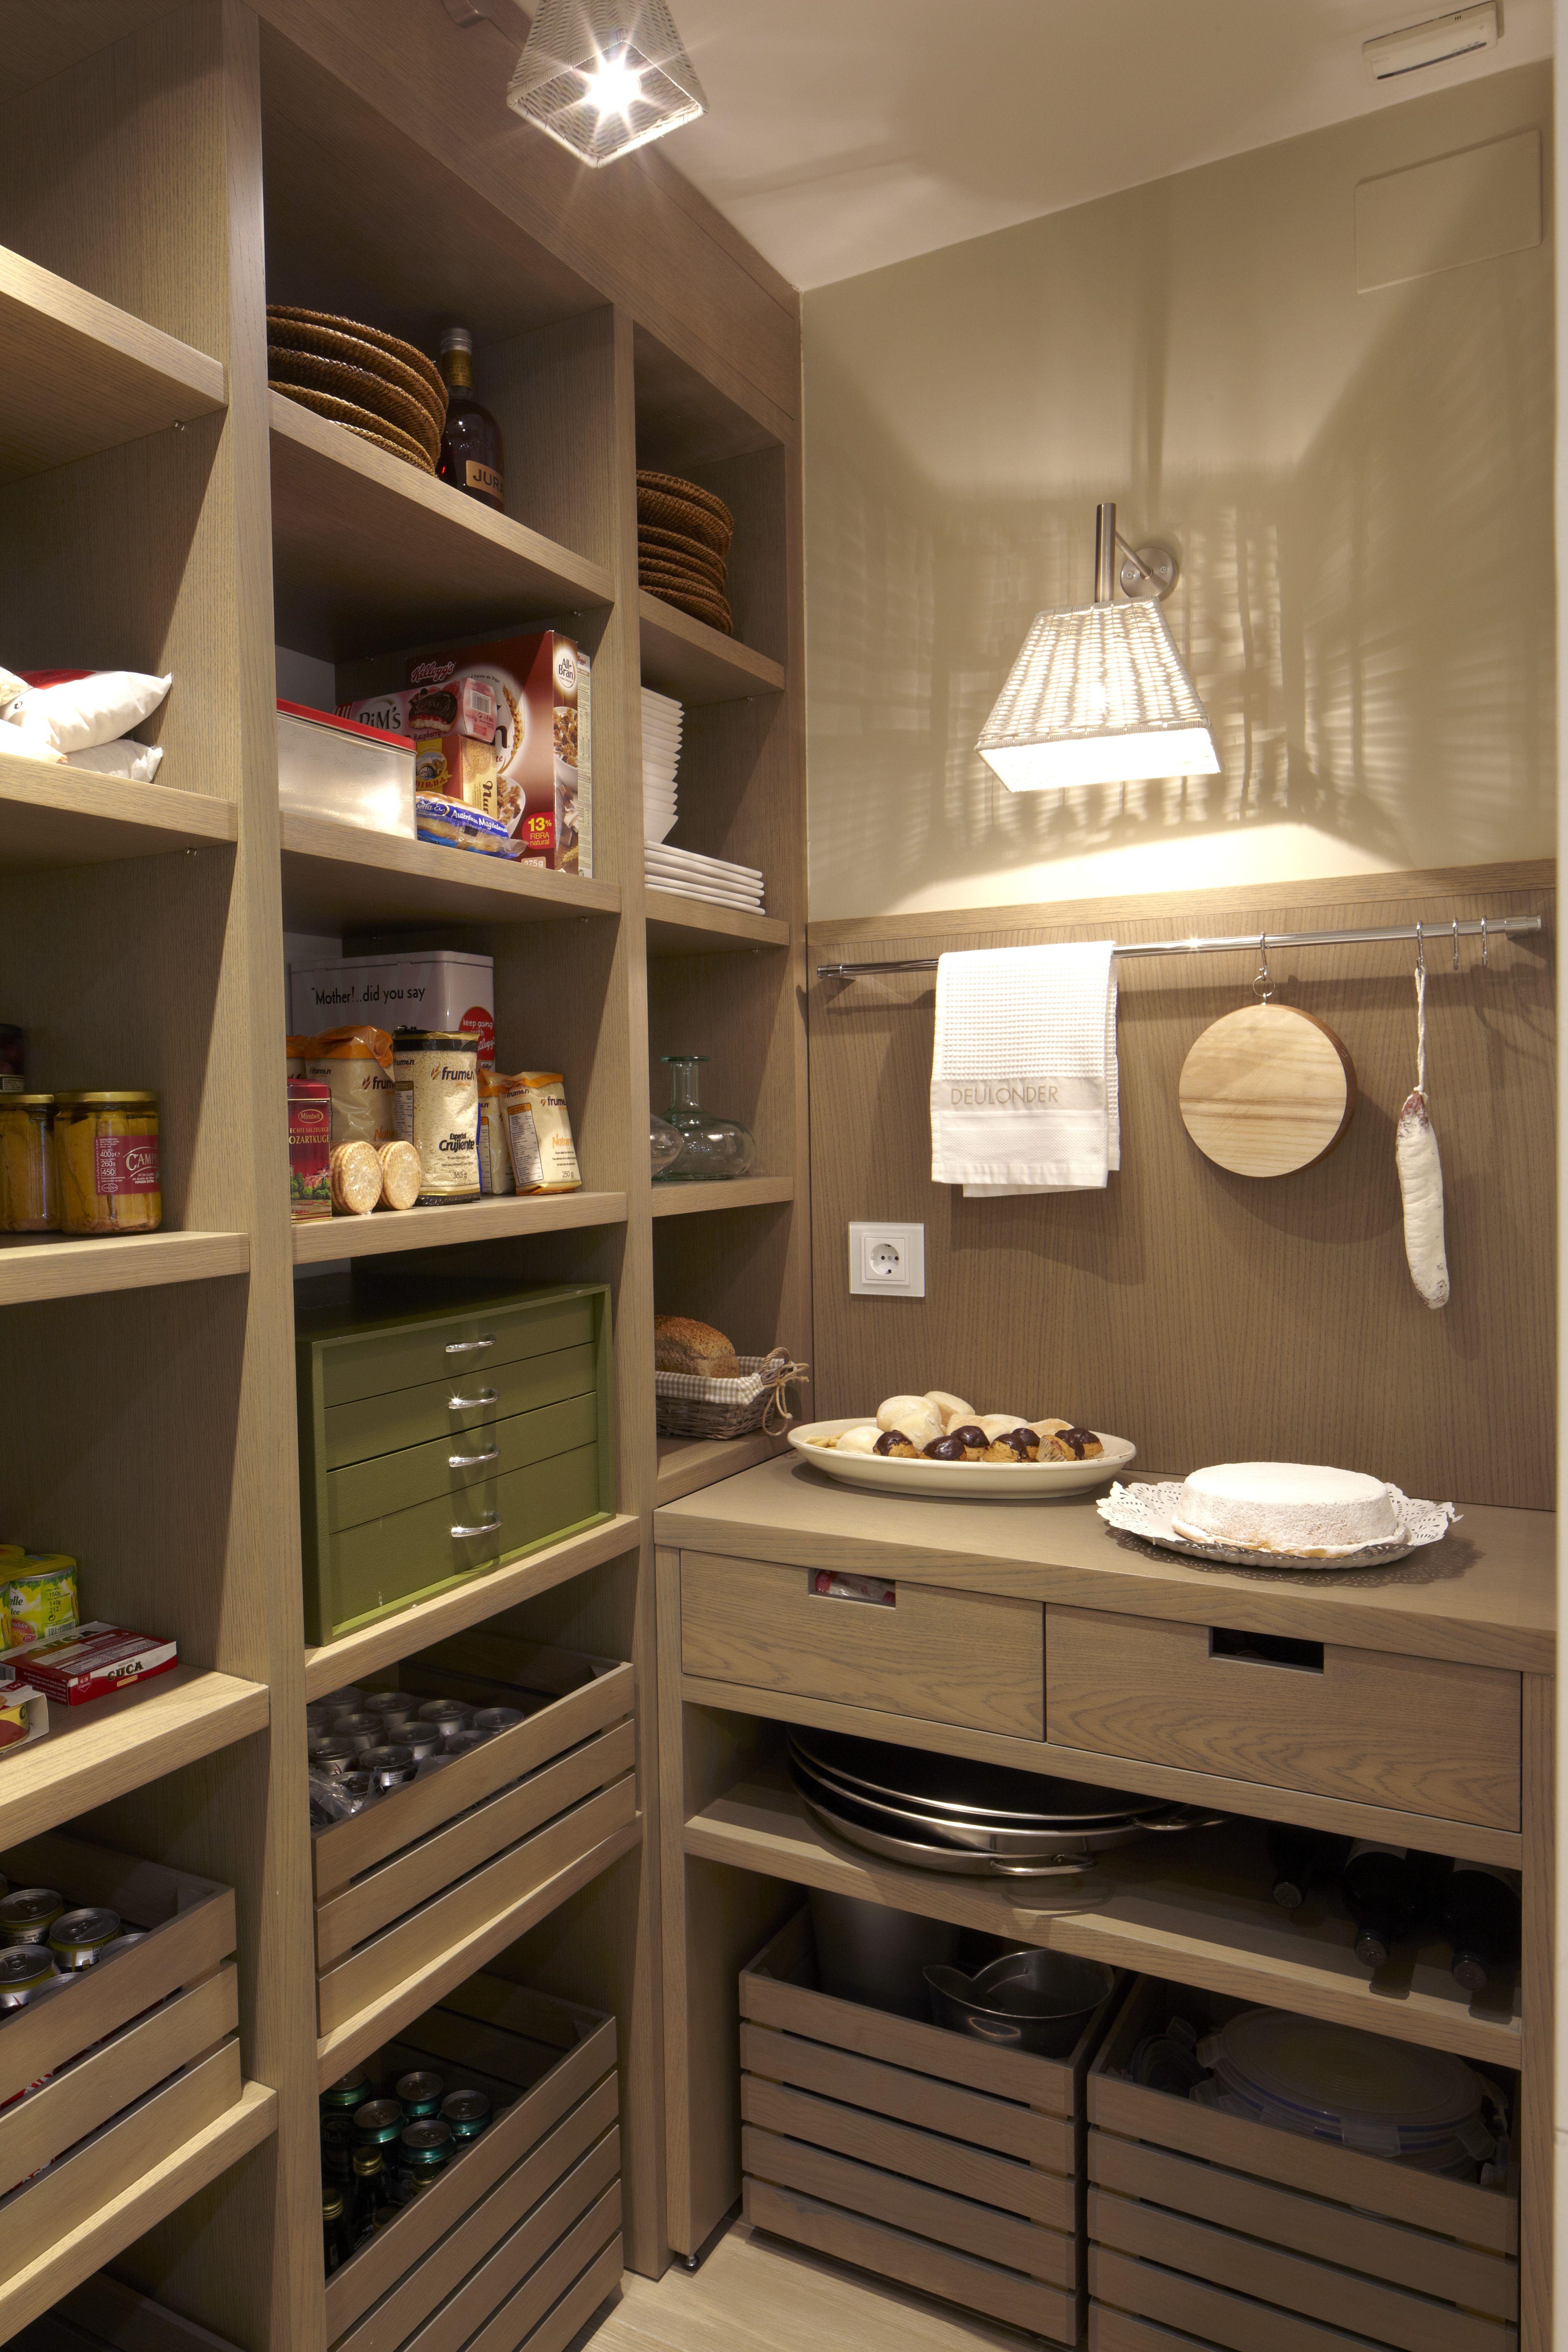 кладовая на кухне фото осьминог серия